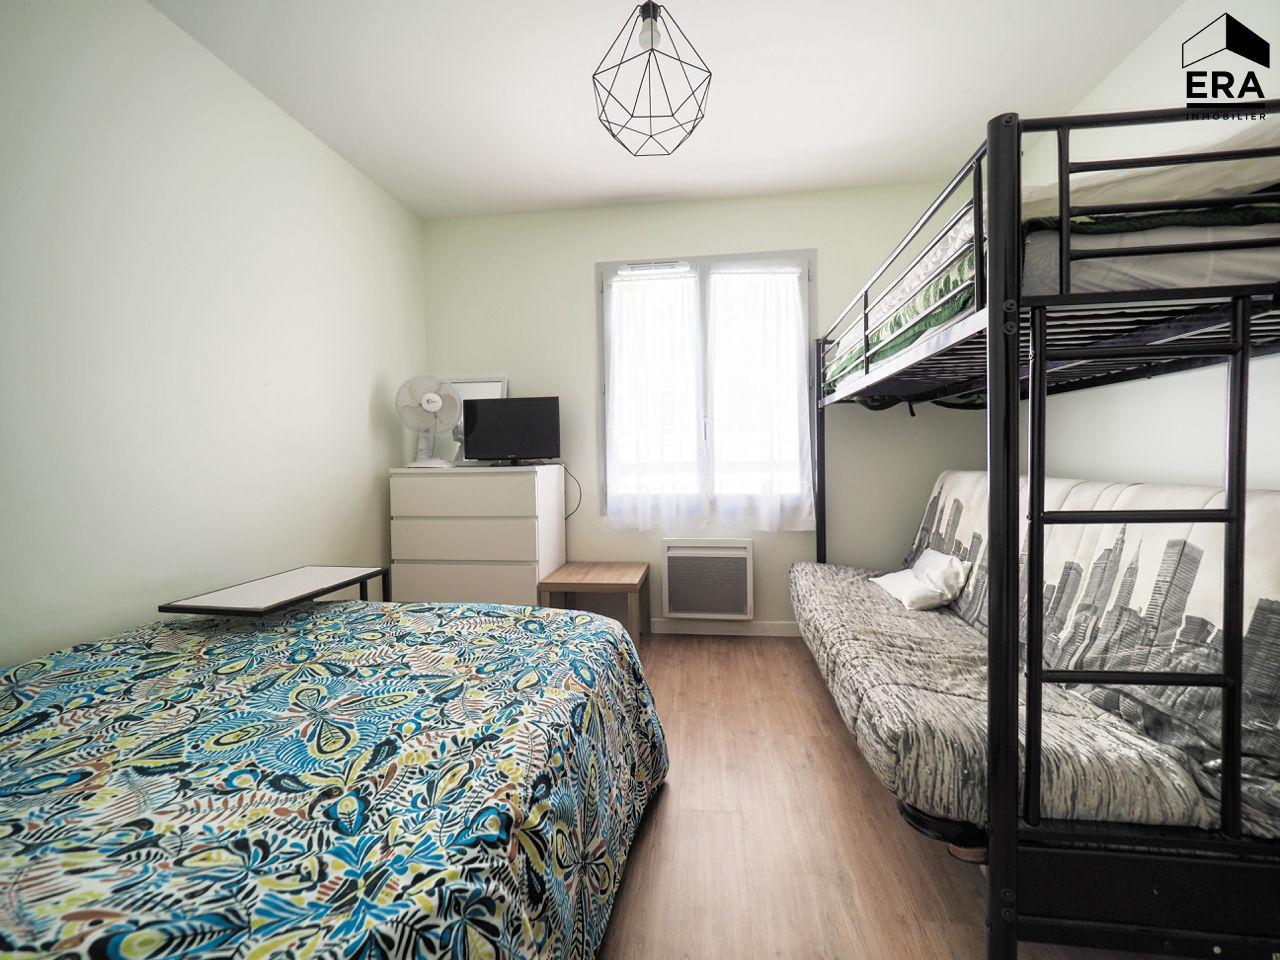 Vente appartement T2  à URRUGNE - 3